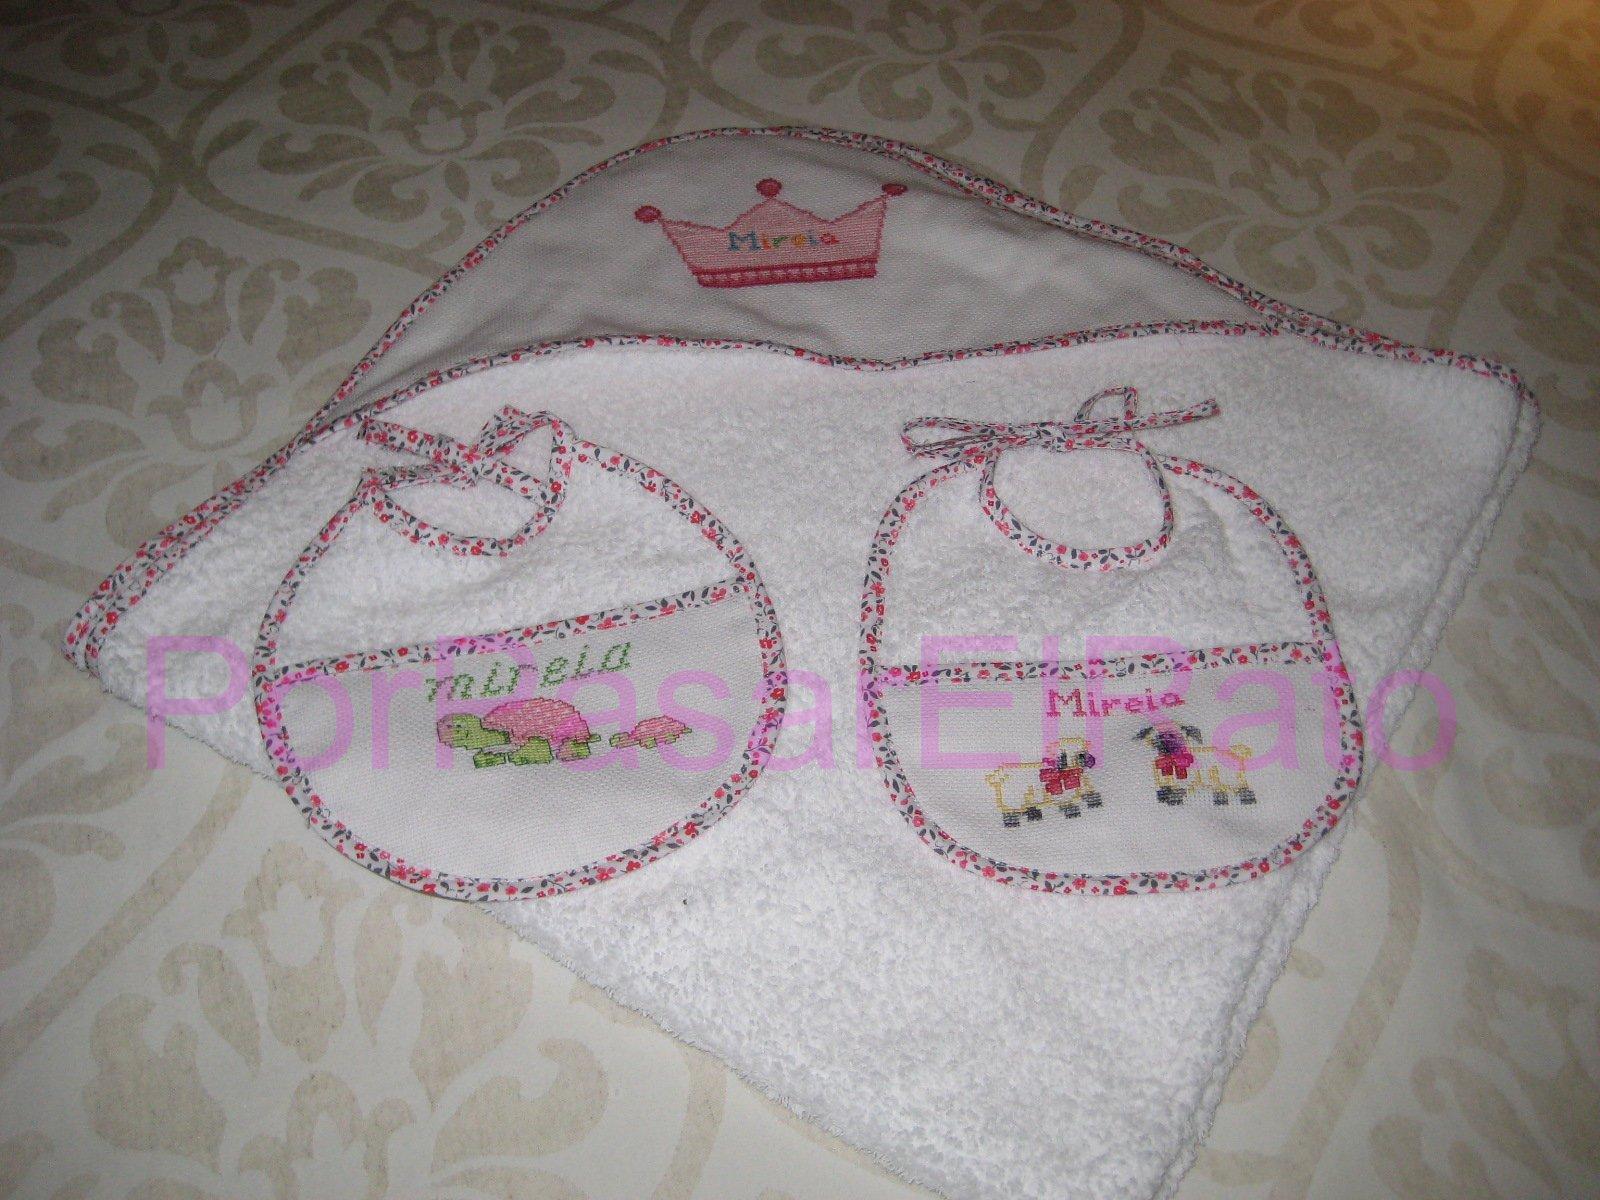 Porpasarelrato detalles para beb s - Capas de bano bebe personalizadas ...